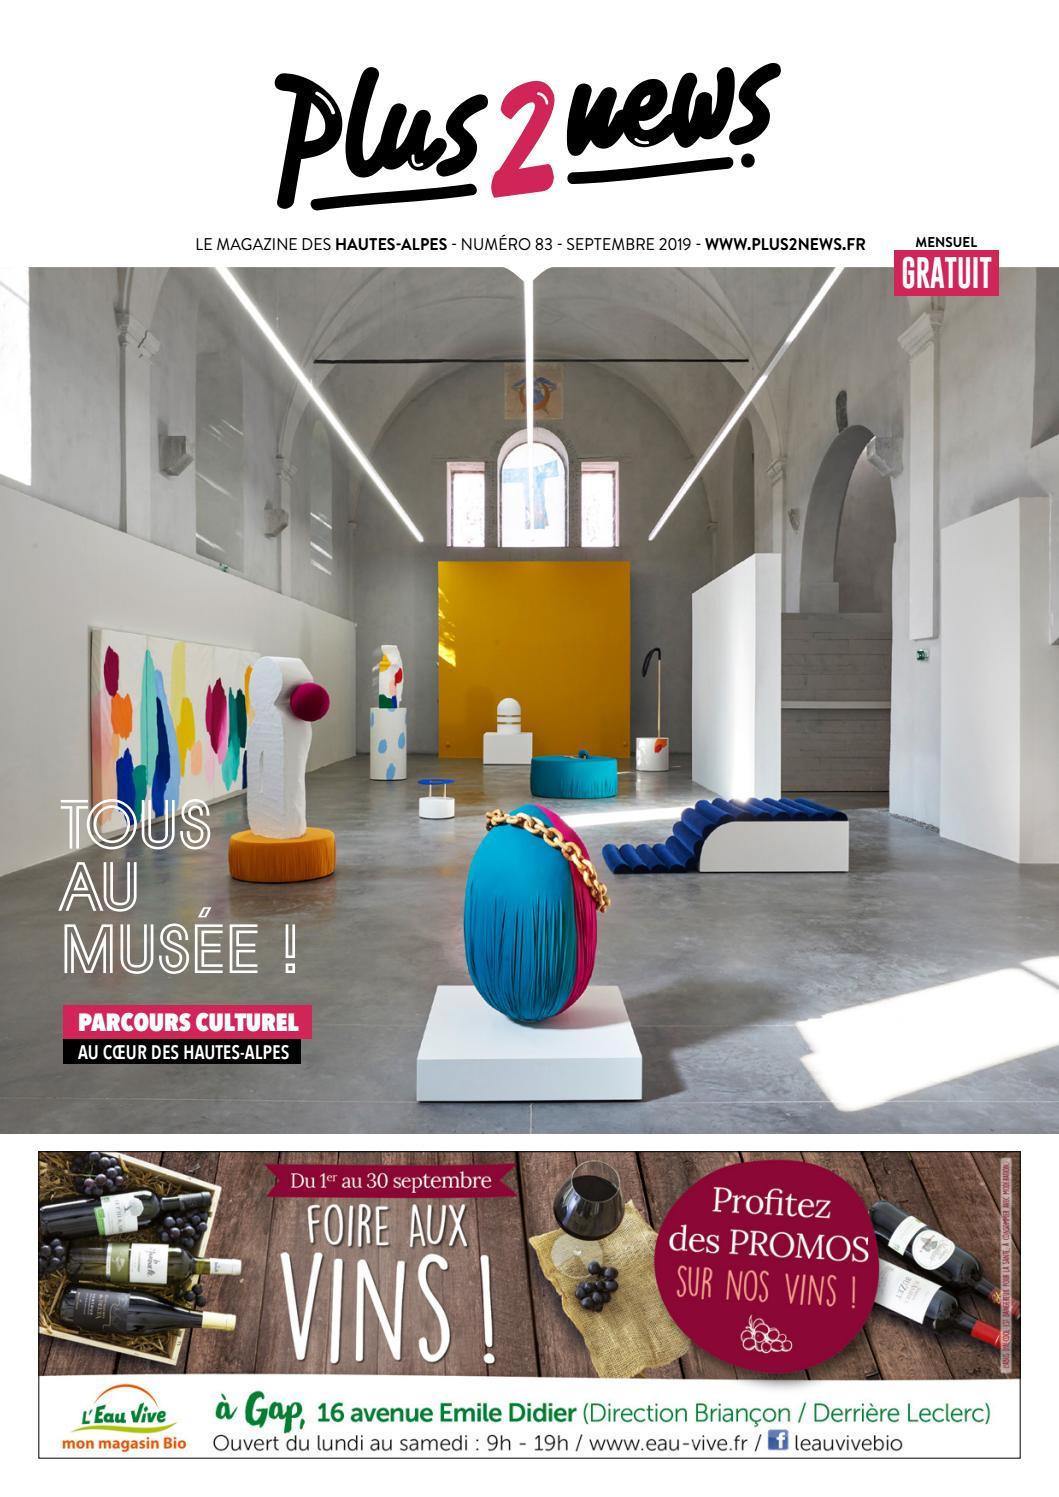 Plus2News Hautes-Alpes N°83 Septembre 2019 By Plus2News tout Sudoku Gratuit En Ligne Facile